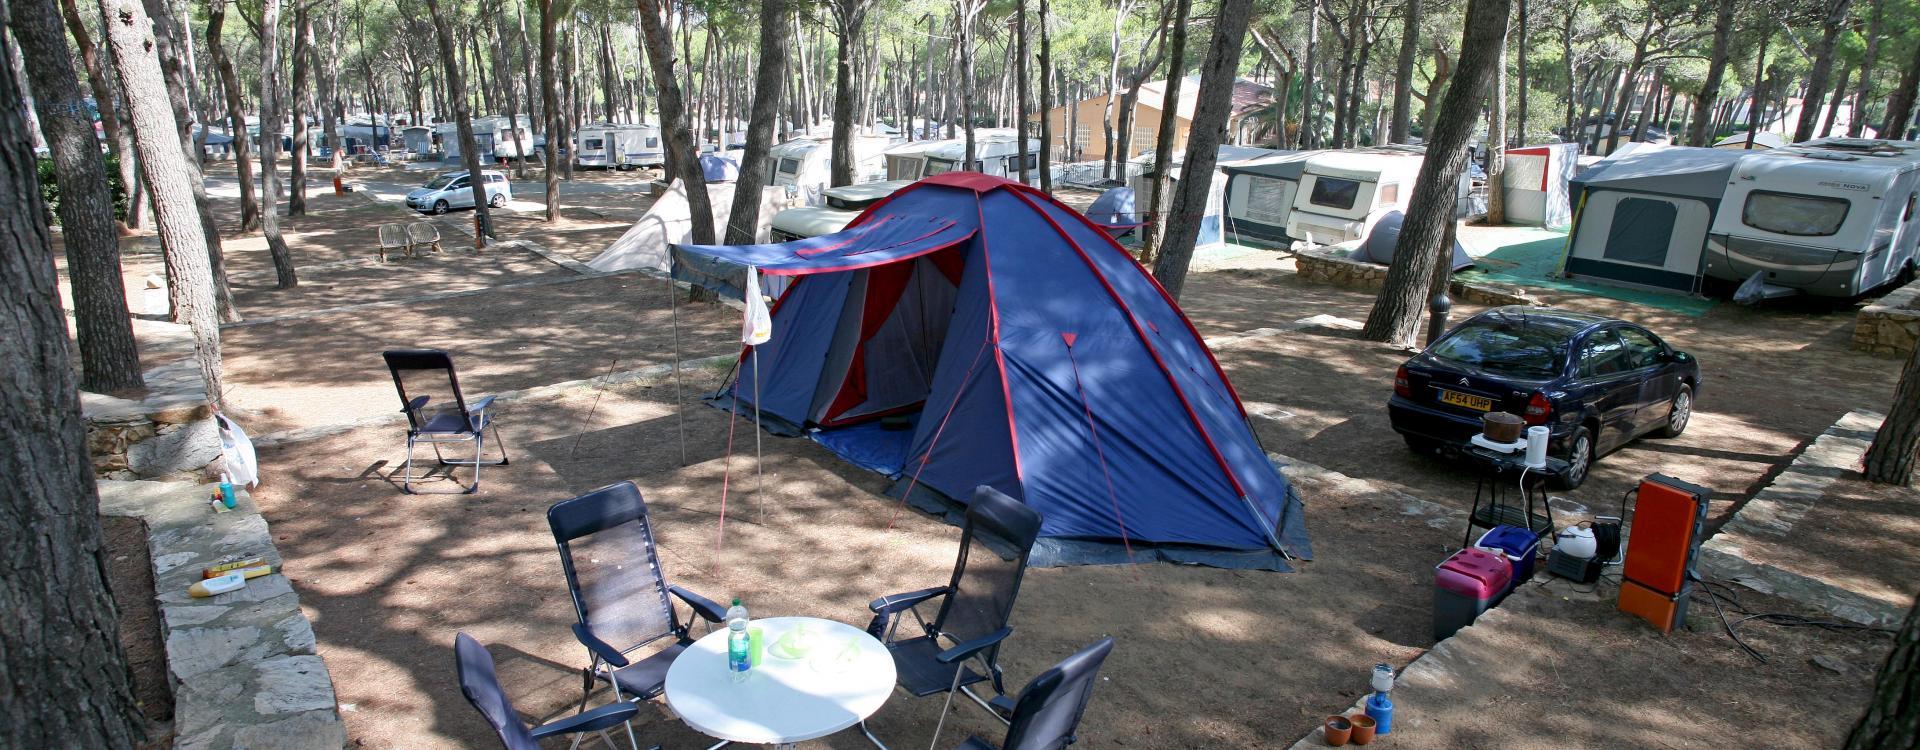 Standplaatsen van Camping Interpals in Pals